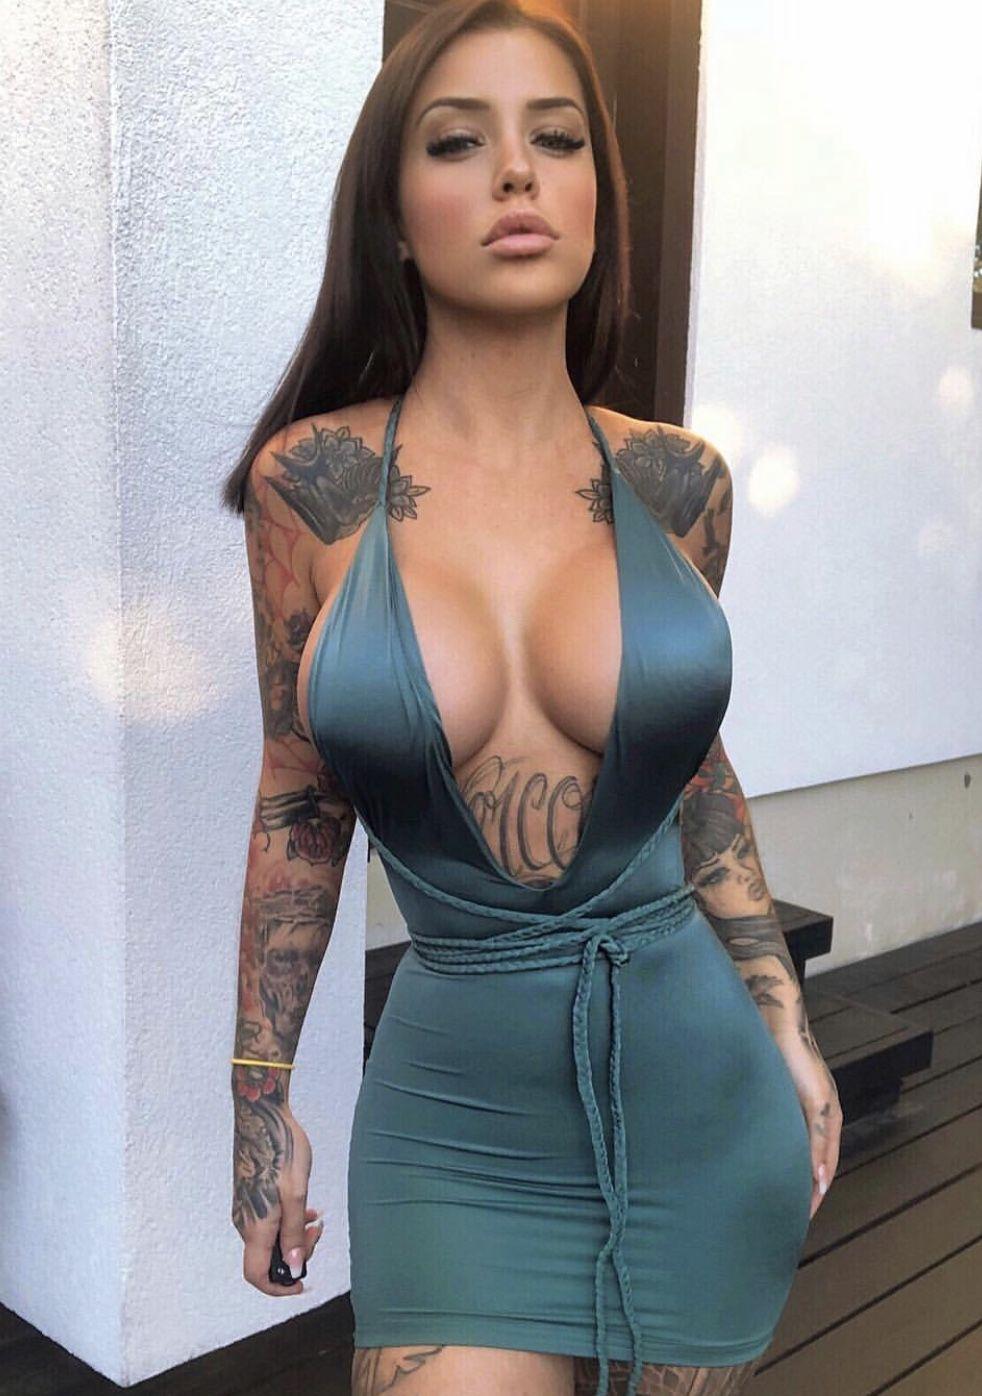 hot naked female porn star